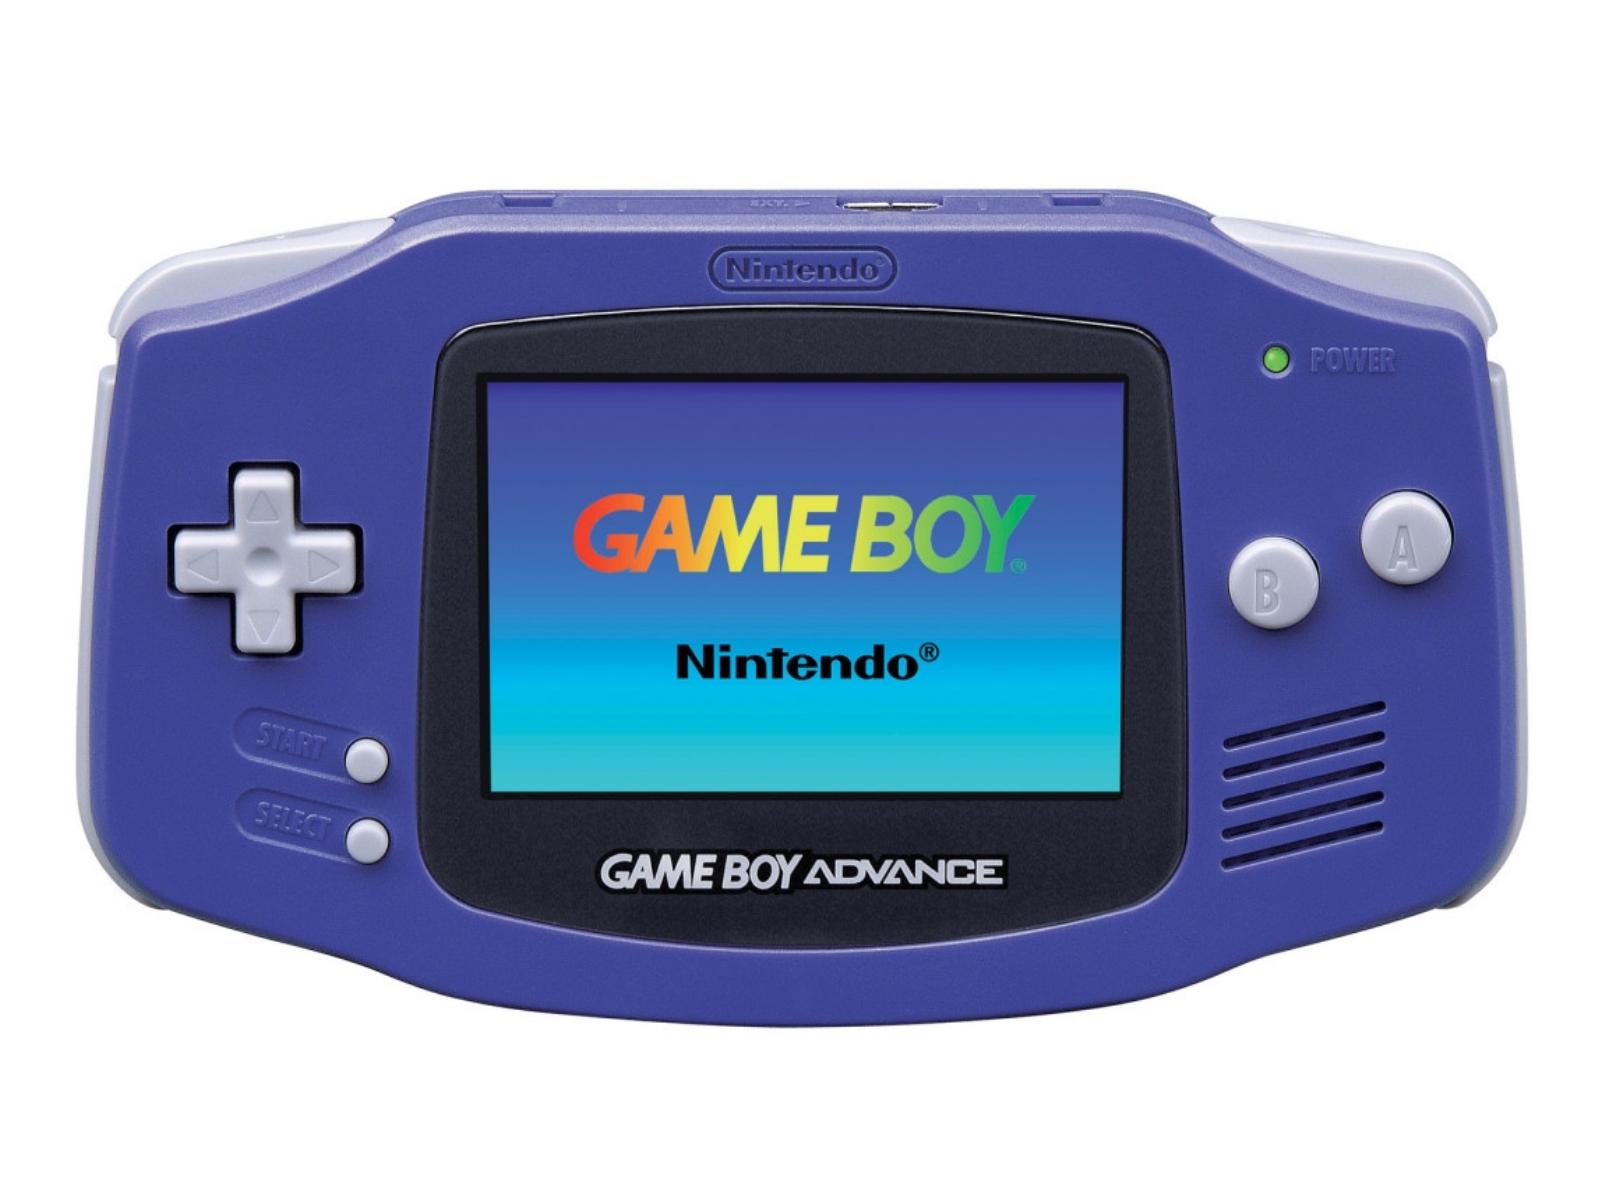 Afterburner Game Boy Advance Game Boy Advance